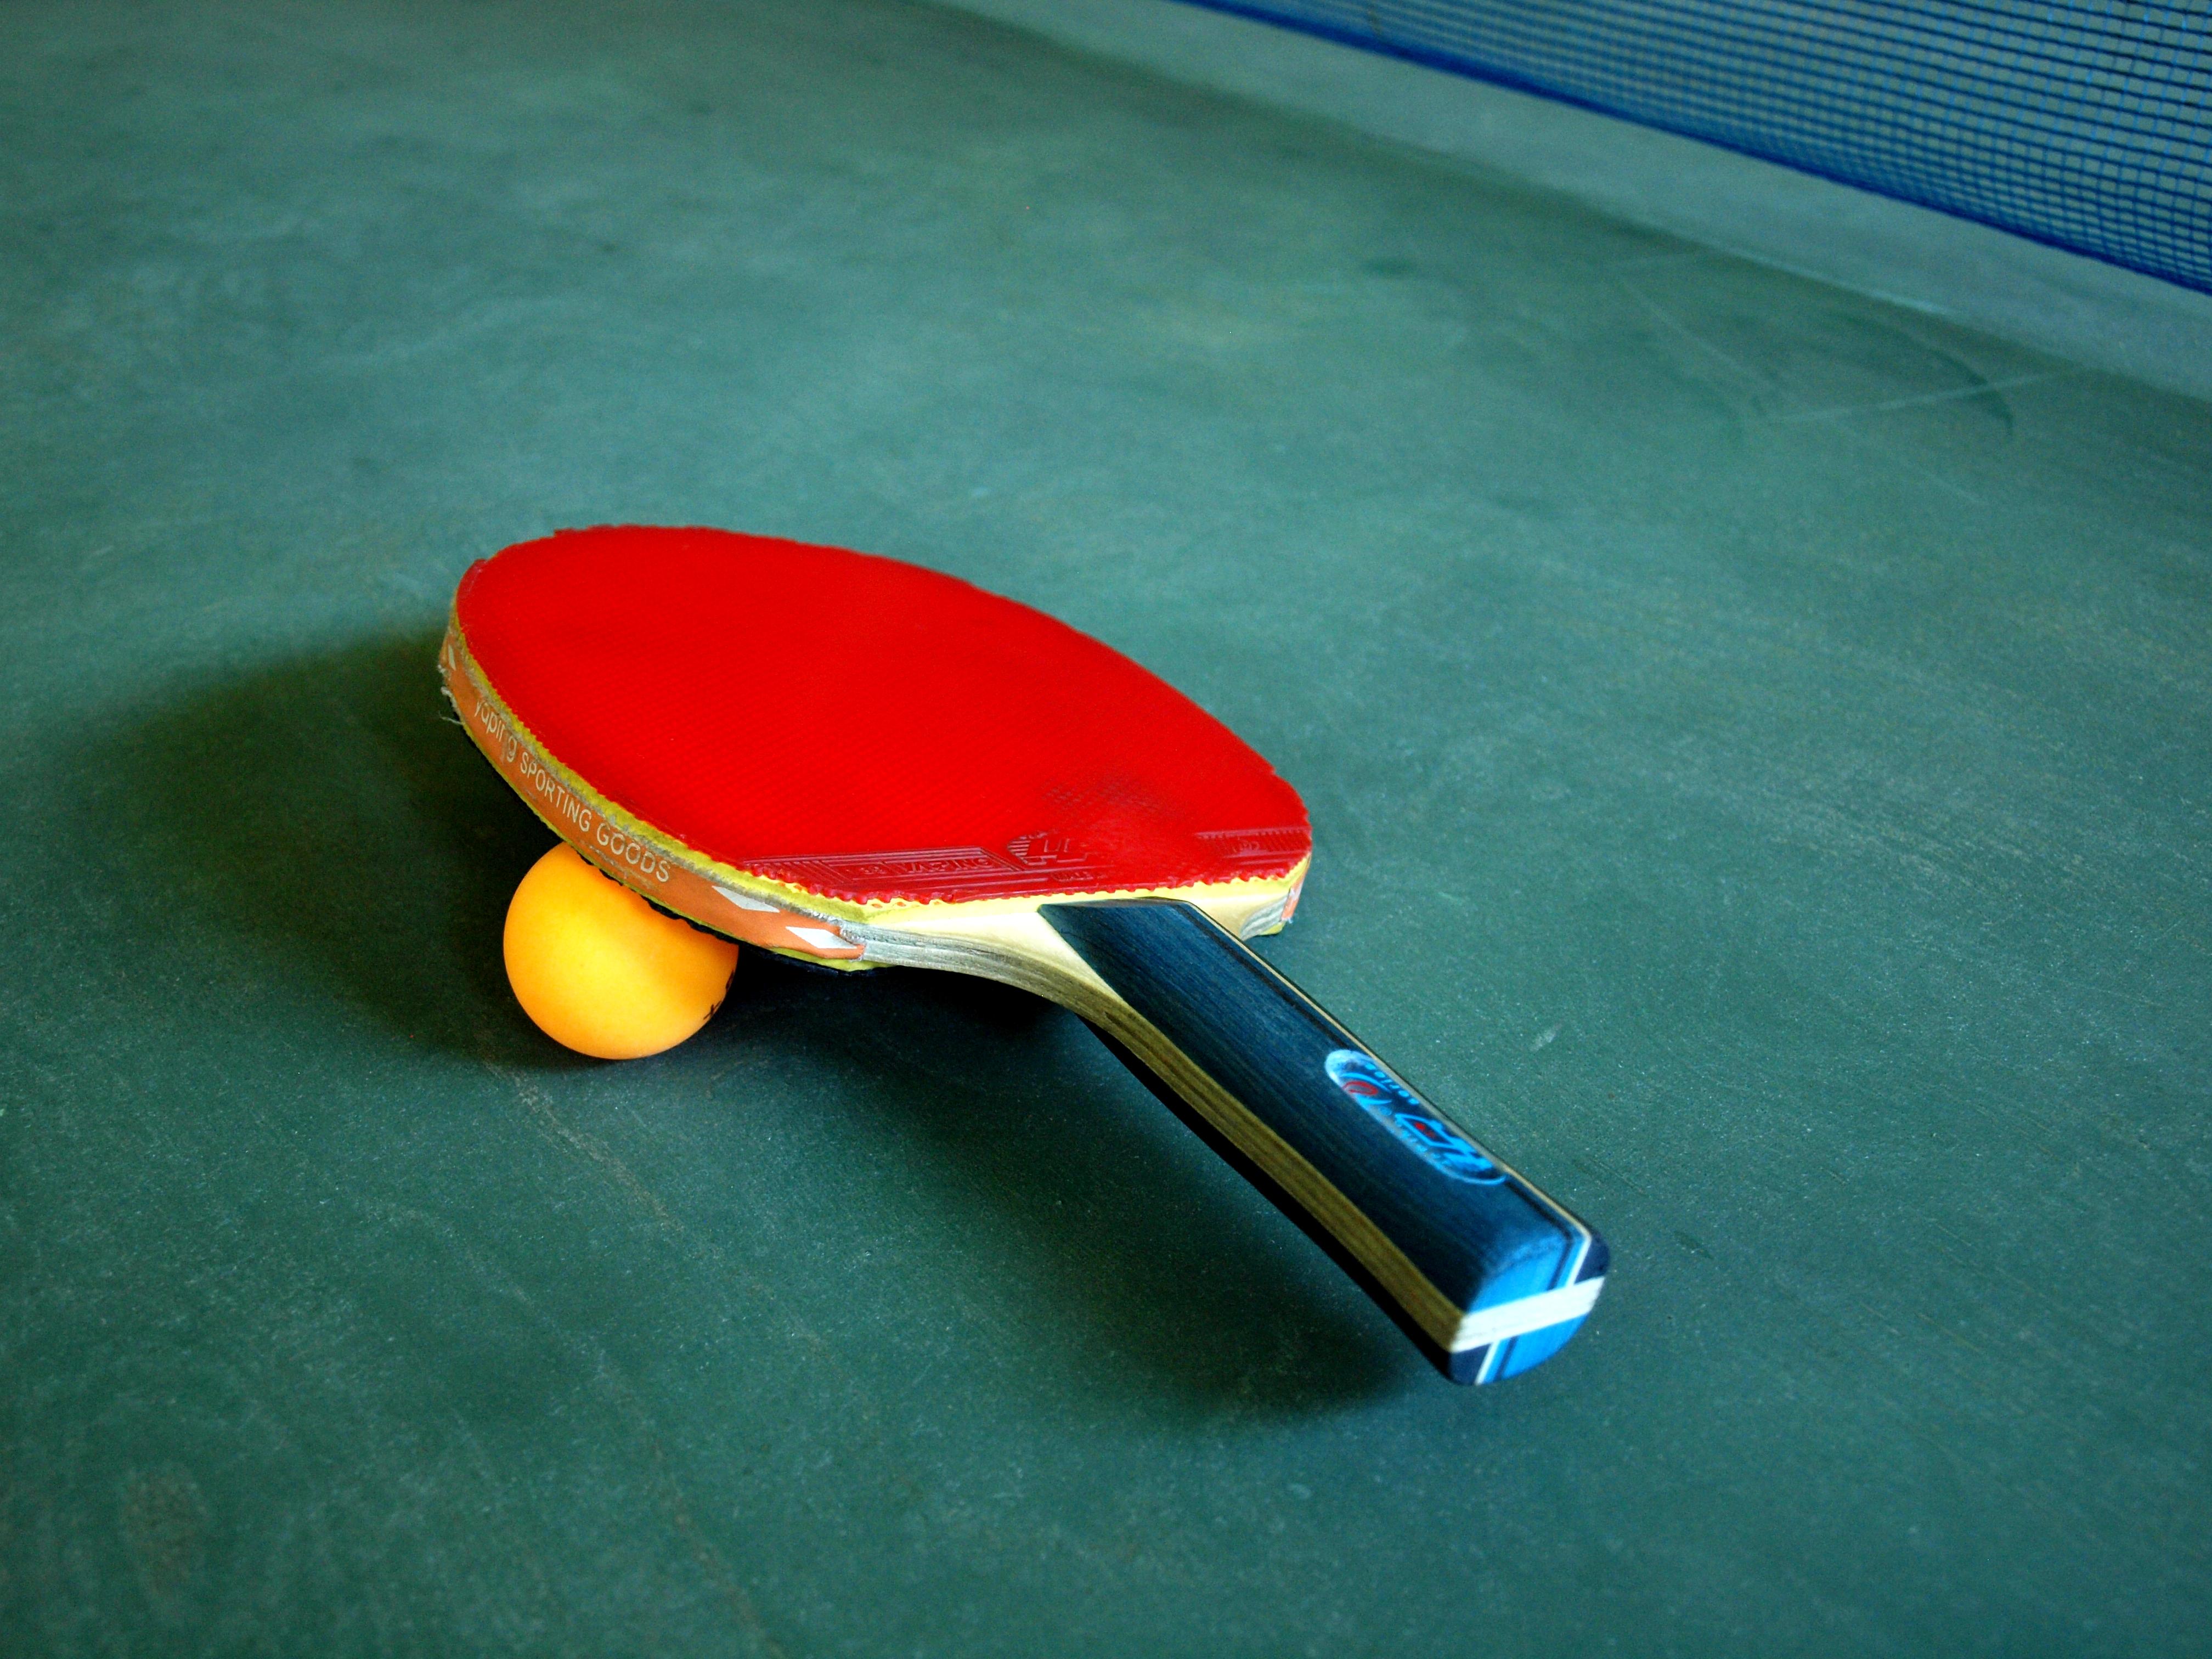 Les r f rences for Tennis de table lyon 6